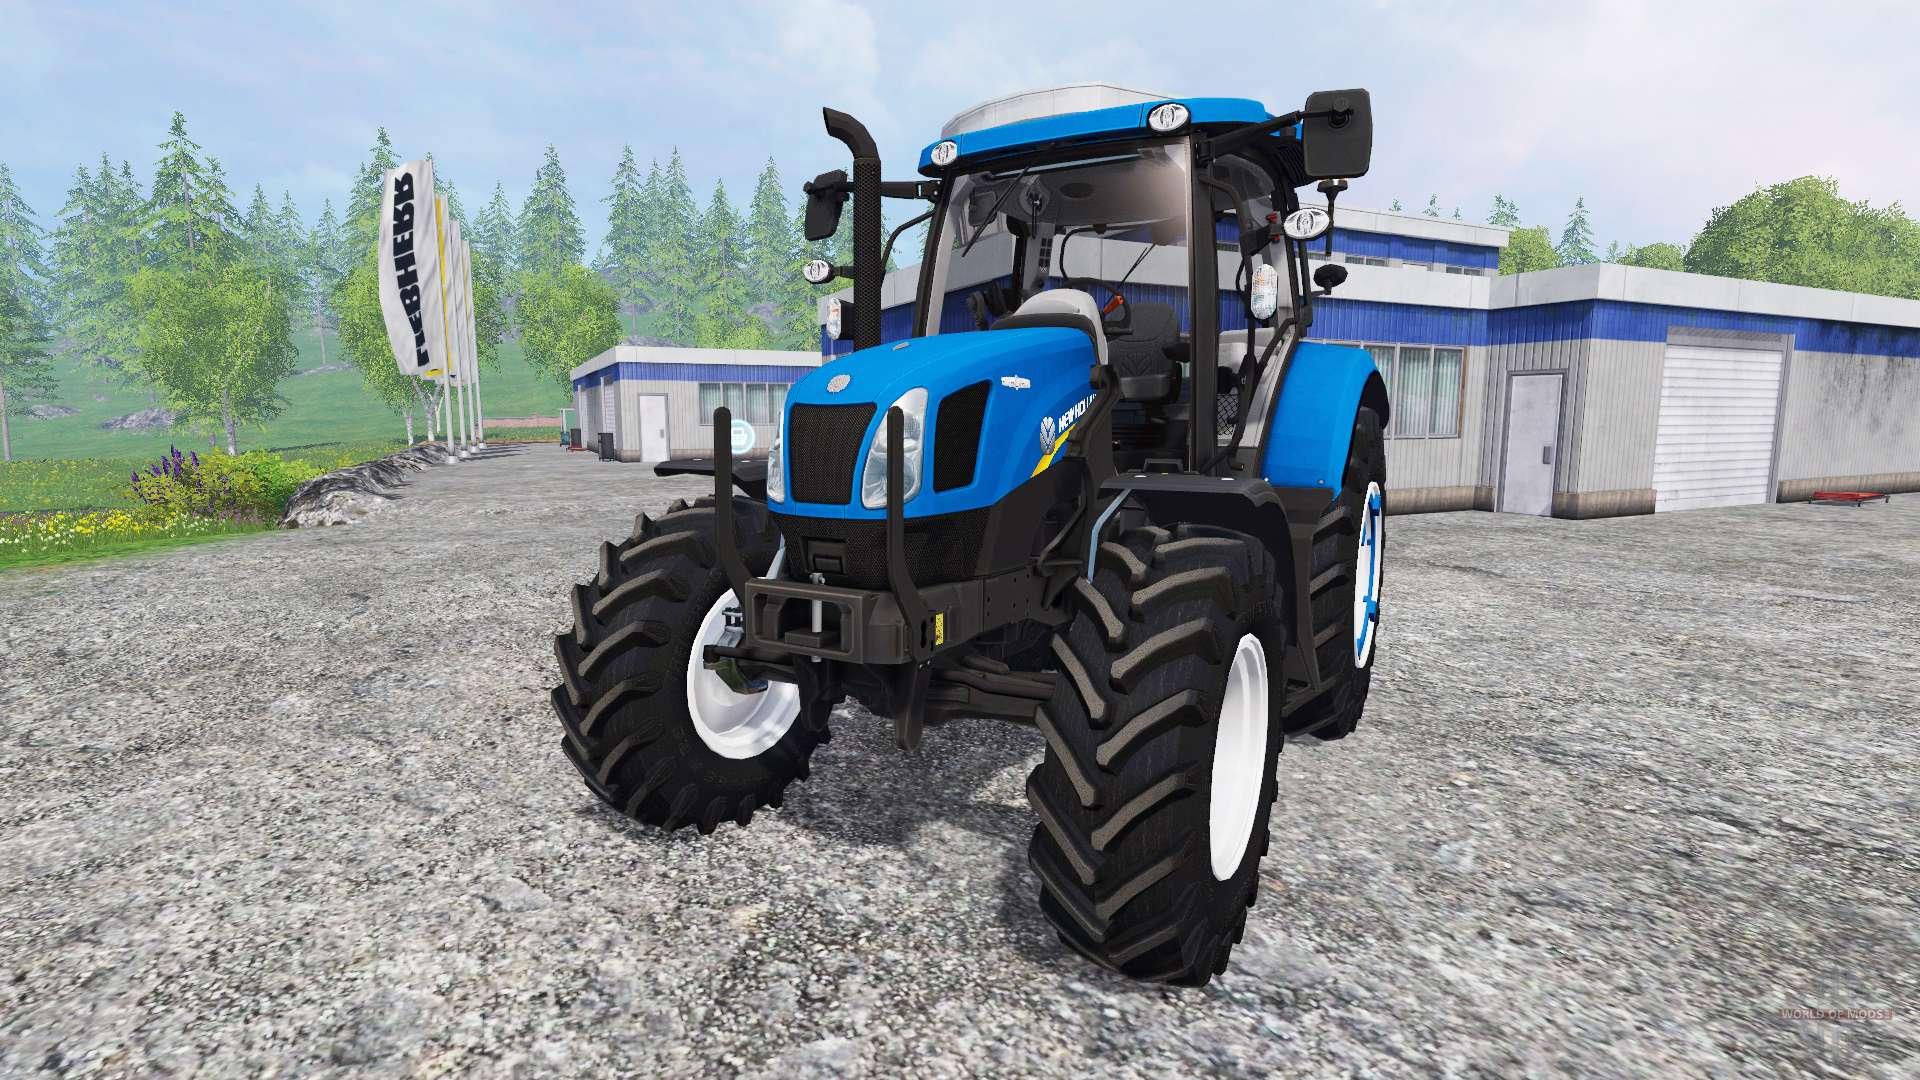 Трактор Беларус МТЗ-826: технические характеристики